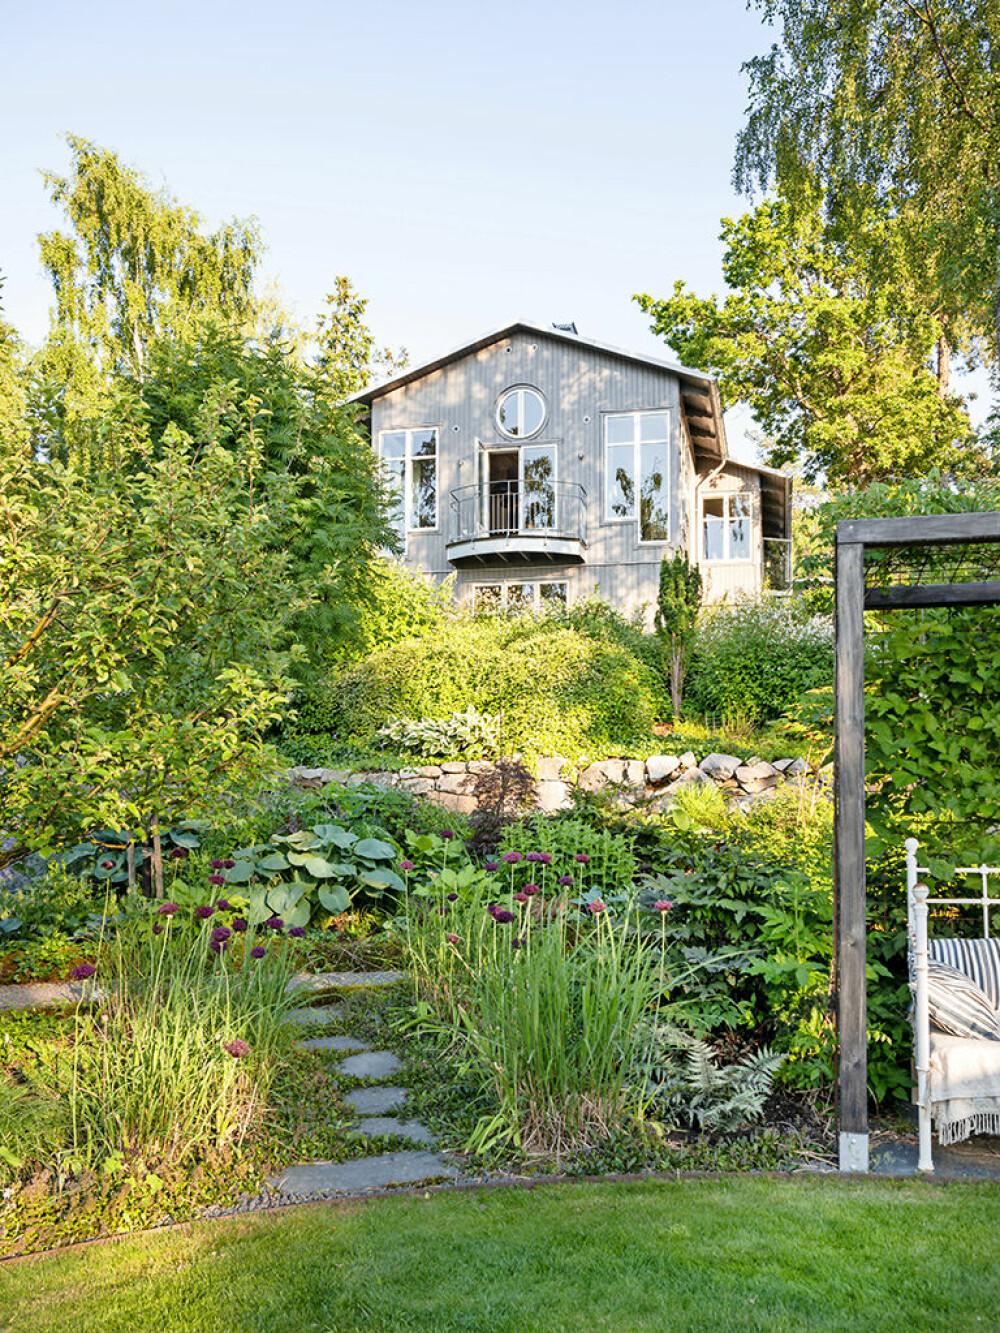 Högst upp i backen ligger huset med utsikt över trädgården och havet.  På sina ställen är  tomten mycket brant.